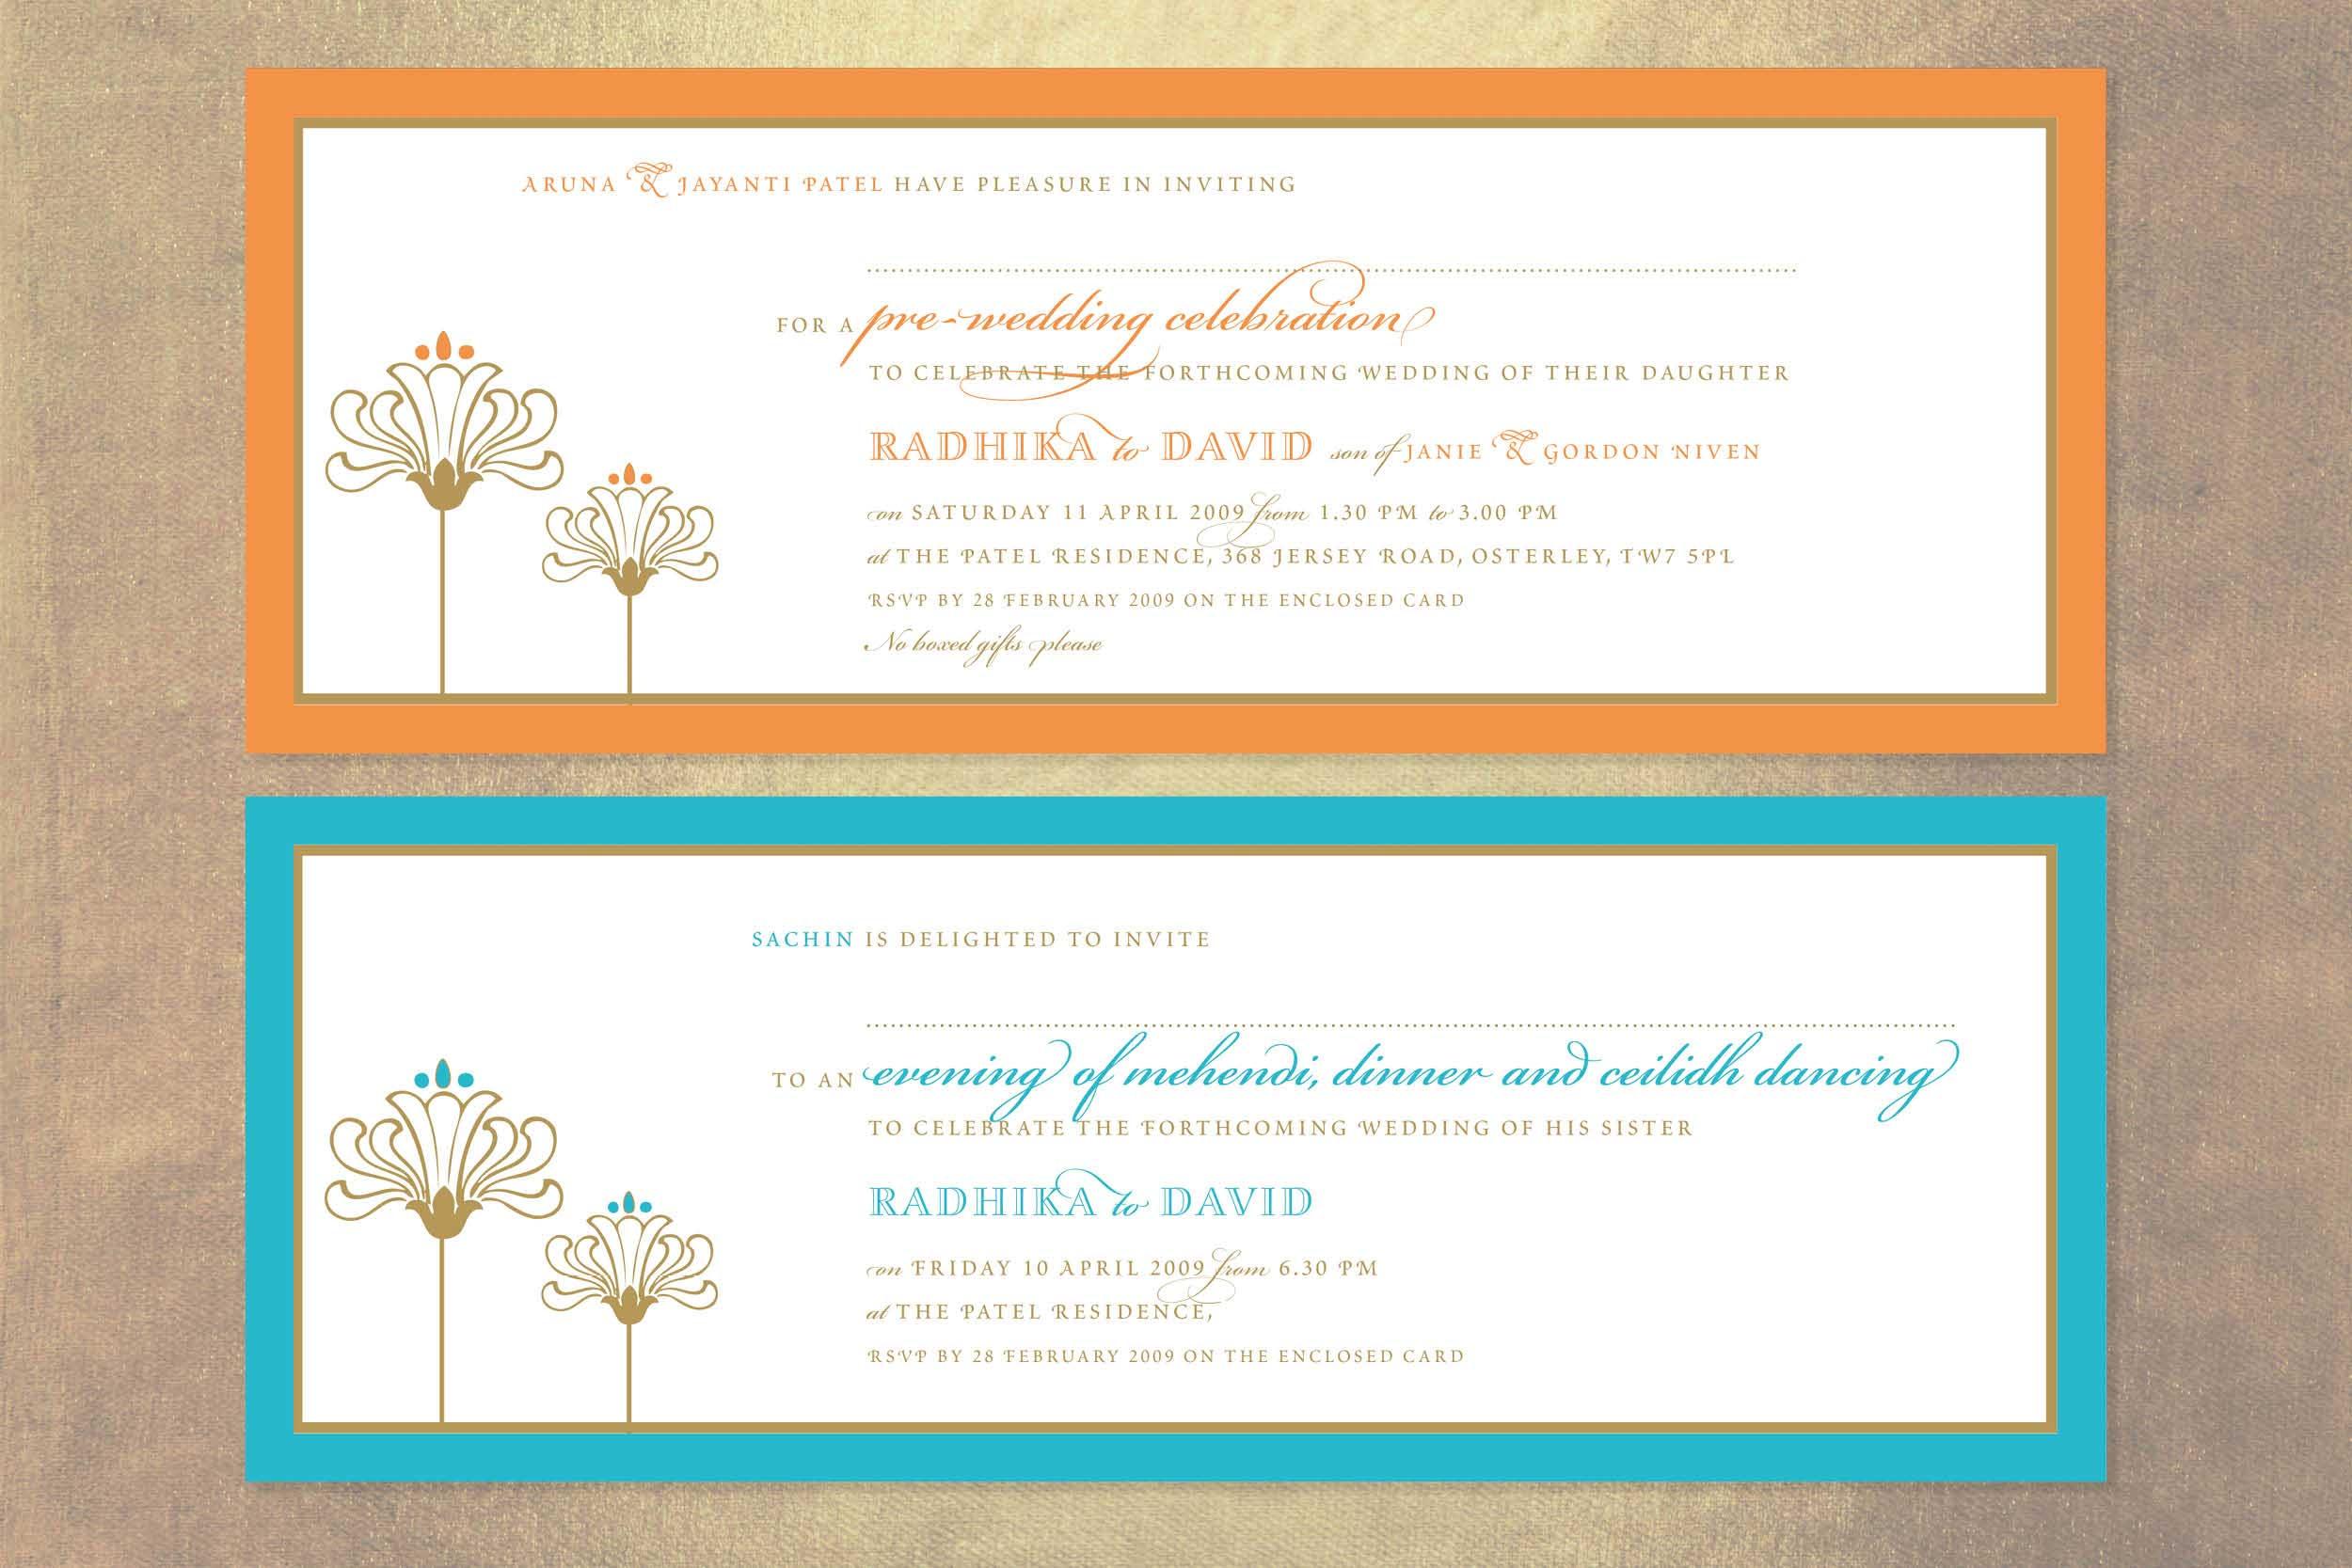 lily_bespoke_wedding_invite_ananycards.com-03.jpg